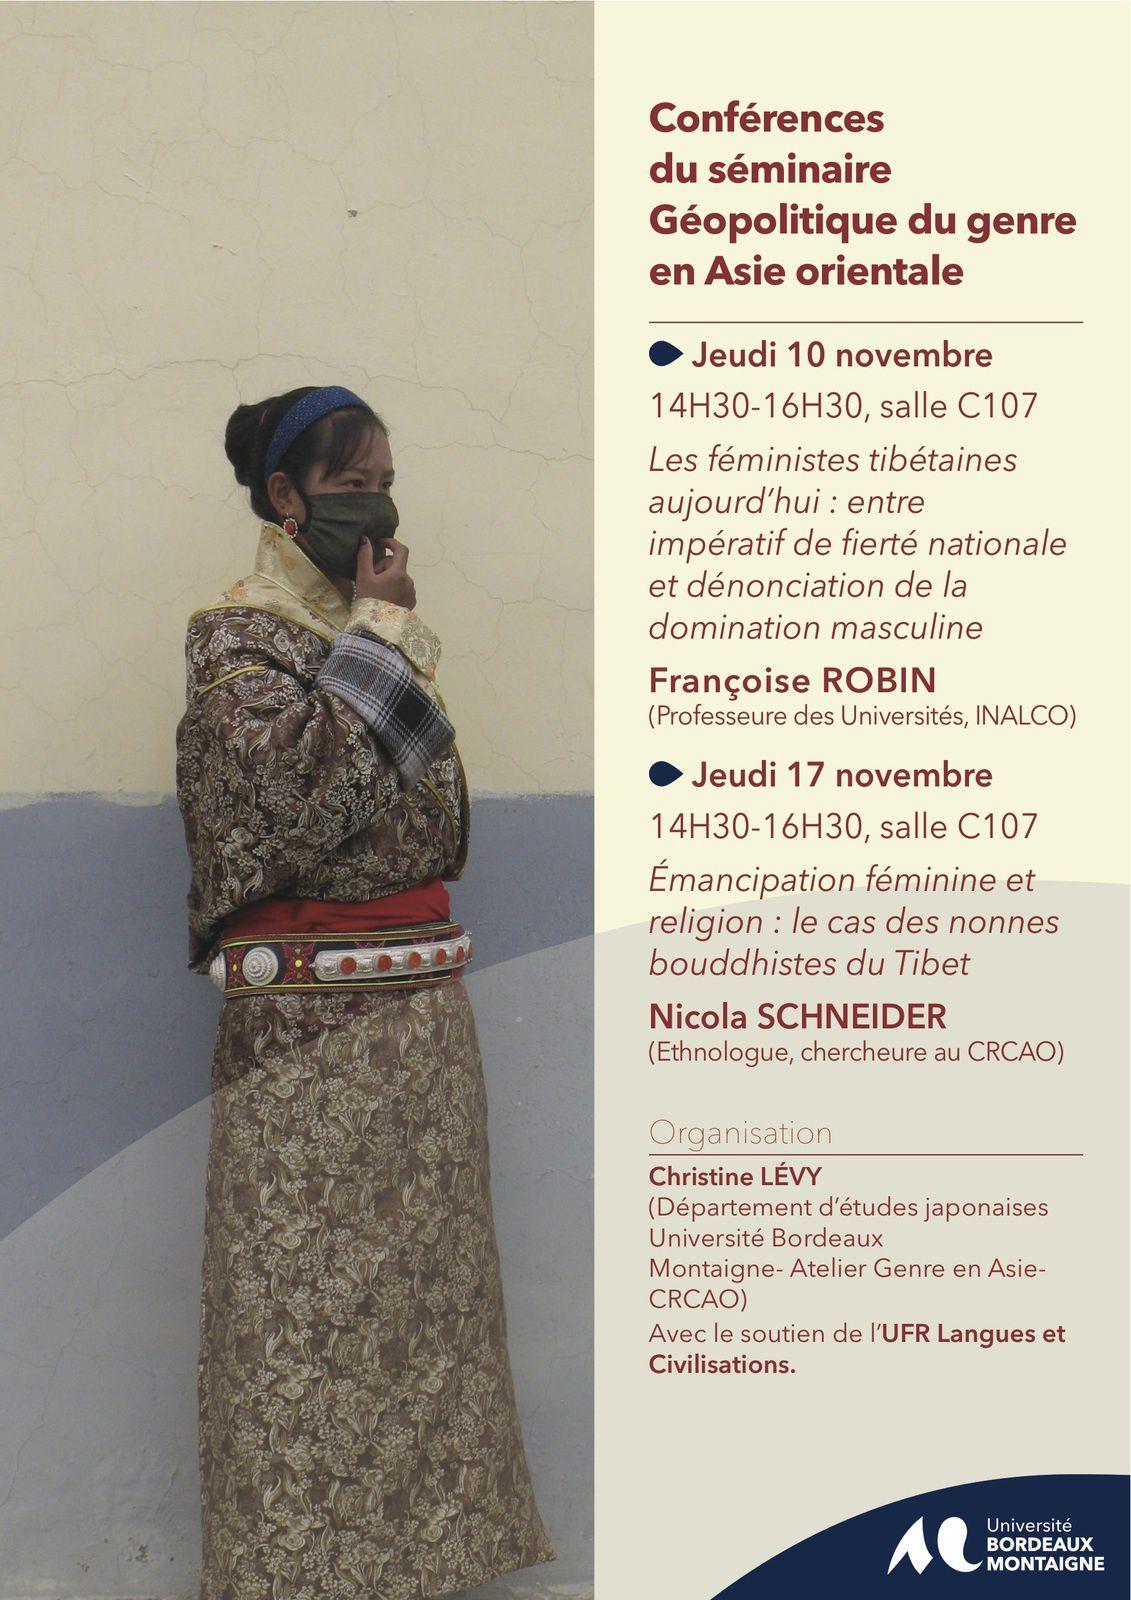 Les féministes tibétaines aujourd'hui : entre impératif de fierté nationale et dénonciation de la domination masculine / Émancipation féminine et religion : le cas des nonnes bouddhistes du Tibet